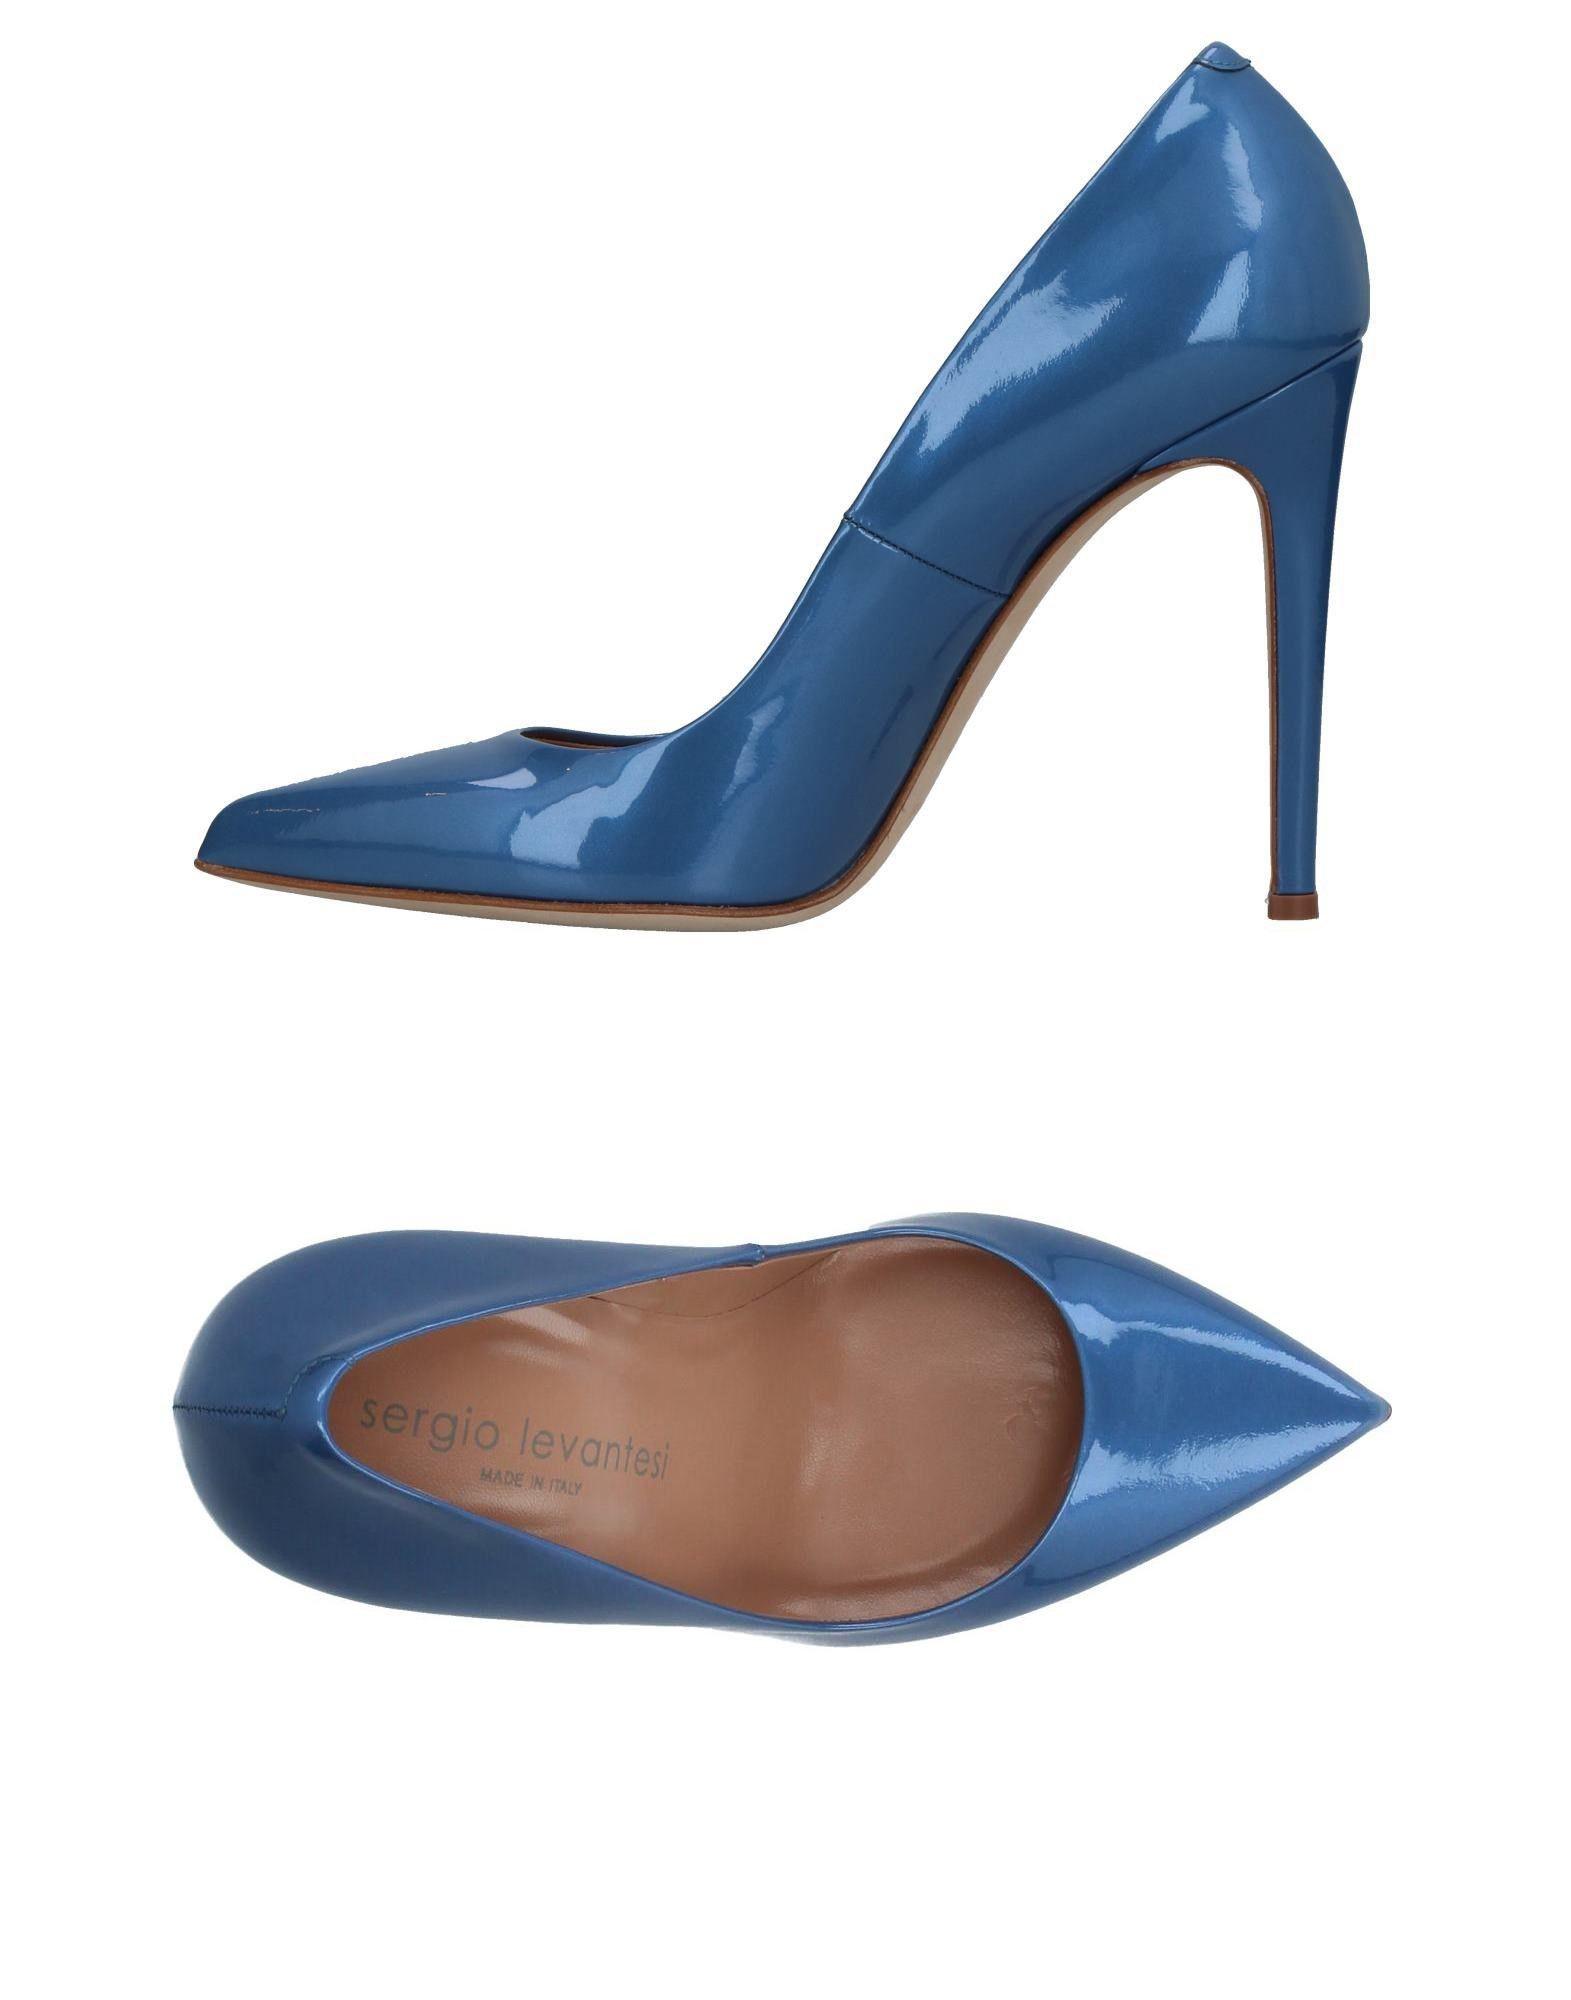 SERGIO LEVANTESI Туфли цены онлайн